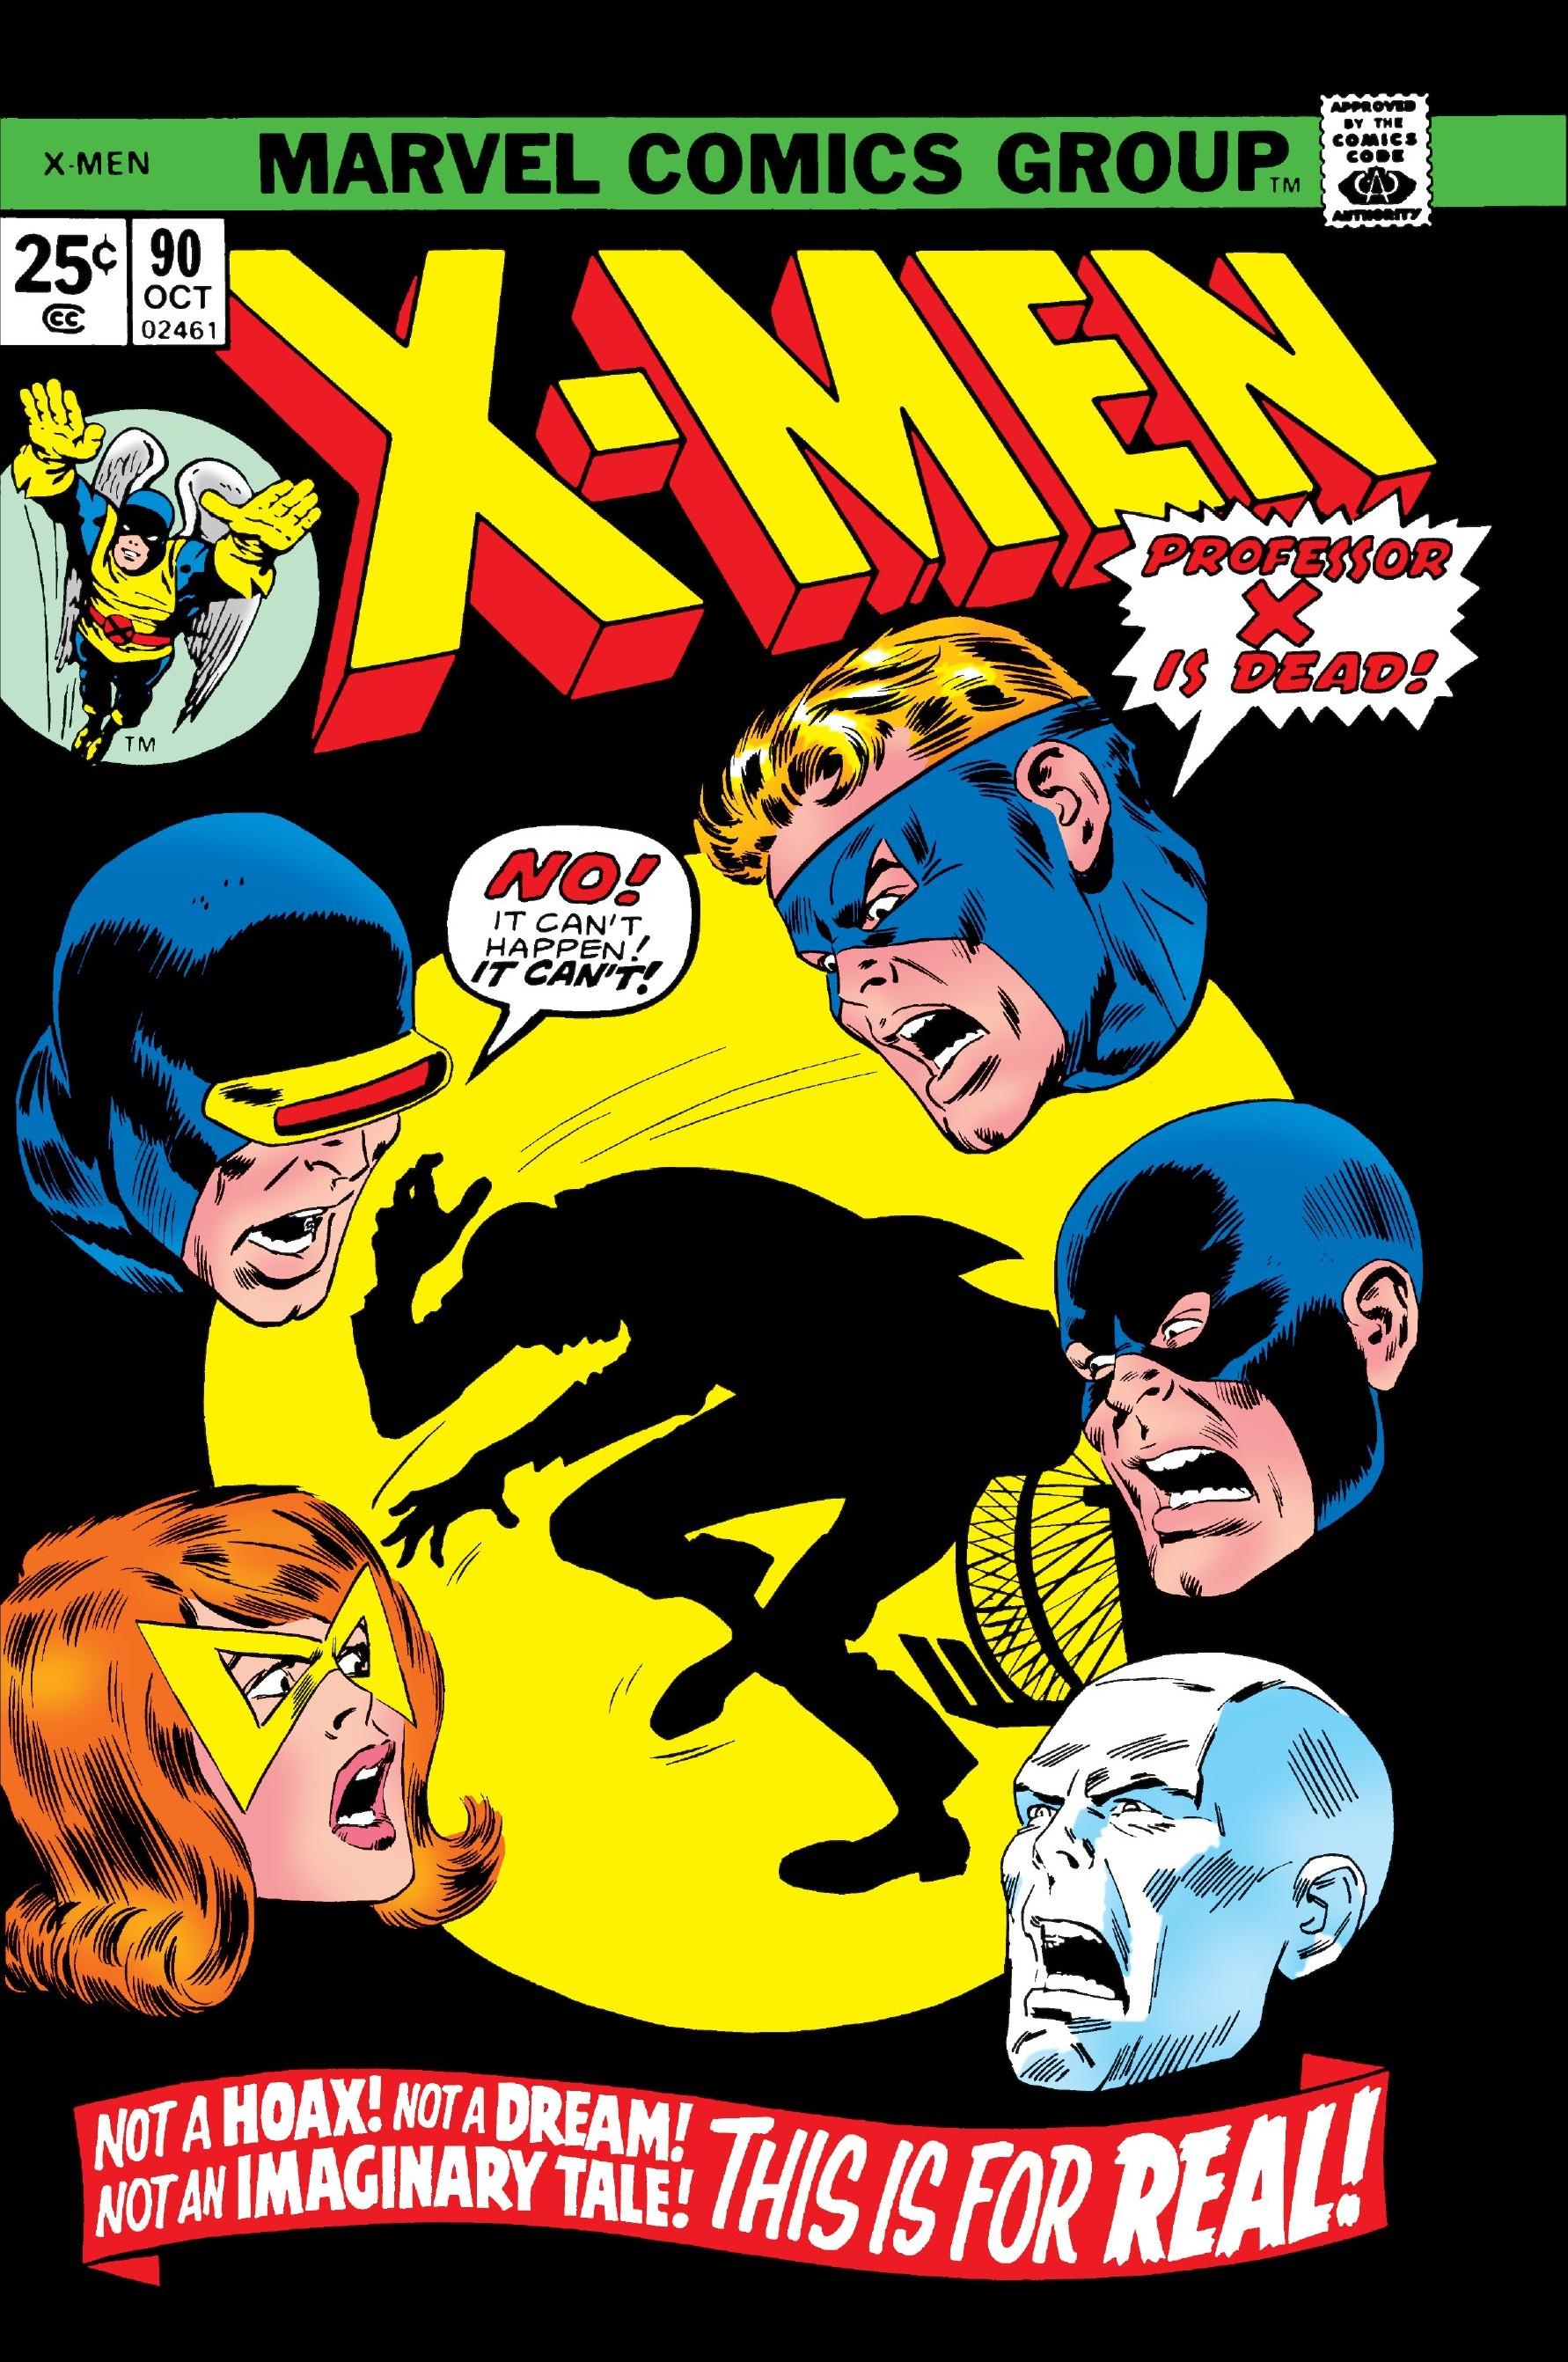 X-Men Vol 1 90